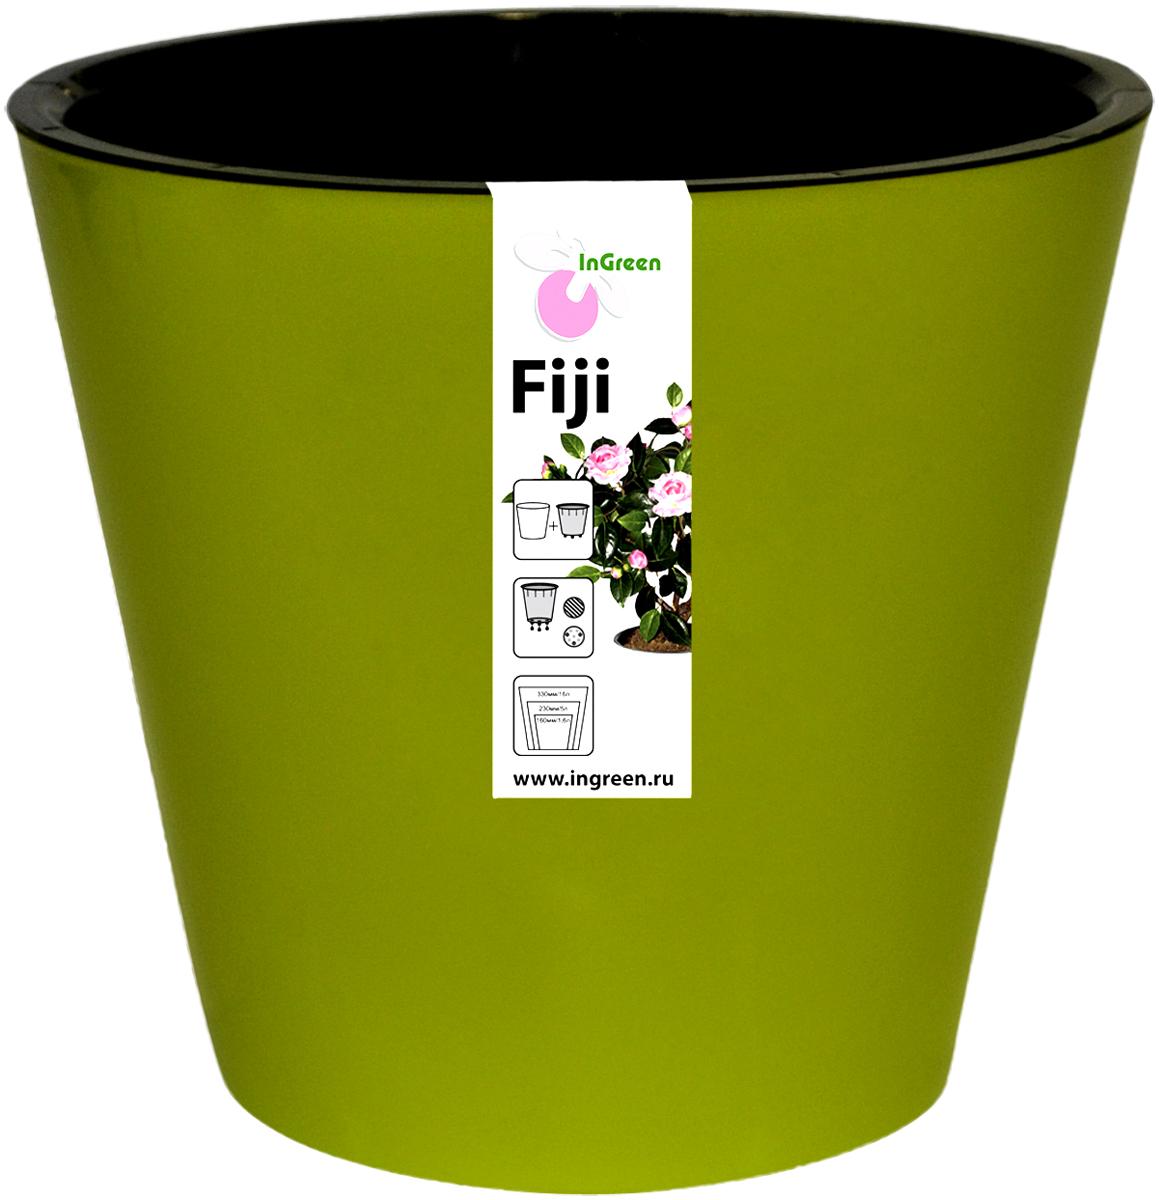 Горшок для цветов InGreen Фиджи, с ситемой атополива, цвет: зелено-желтый, диаметр 23 смING1555СЛГоршок InGreen Фиджи, выполненный из высококачественного пластика, предназначен для выращивания комнатных цветов, растений и трав. Специальная конструкция обеспечивает вентиляцию в корневой системе растения, а дренажные отверстия позволяют выходить лишней влаге из почвы. Изделие состоит из цветного кашпо и внутреннего горшка. Растение высаживается во внутренний горшок и вставляется в кашпо. Инновационная система автополива обладает рядом преимуществ: экономит время при уходе за растением, вода не протекает при поливе и нет необходимости в подставке, корни не застаиваются в воде. Такой горшок порадует вас современным дизайном и функциональностью, а также оригинально украсит интерьер любого помещения. Объем горшка: 5 л. Диаметр горшка (по верхнему краю): 23 см. Высота горшка: 20,8 см.